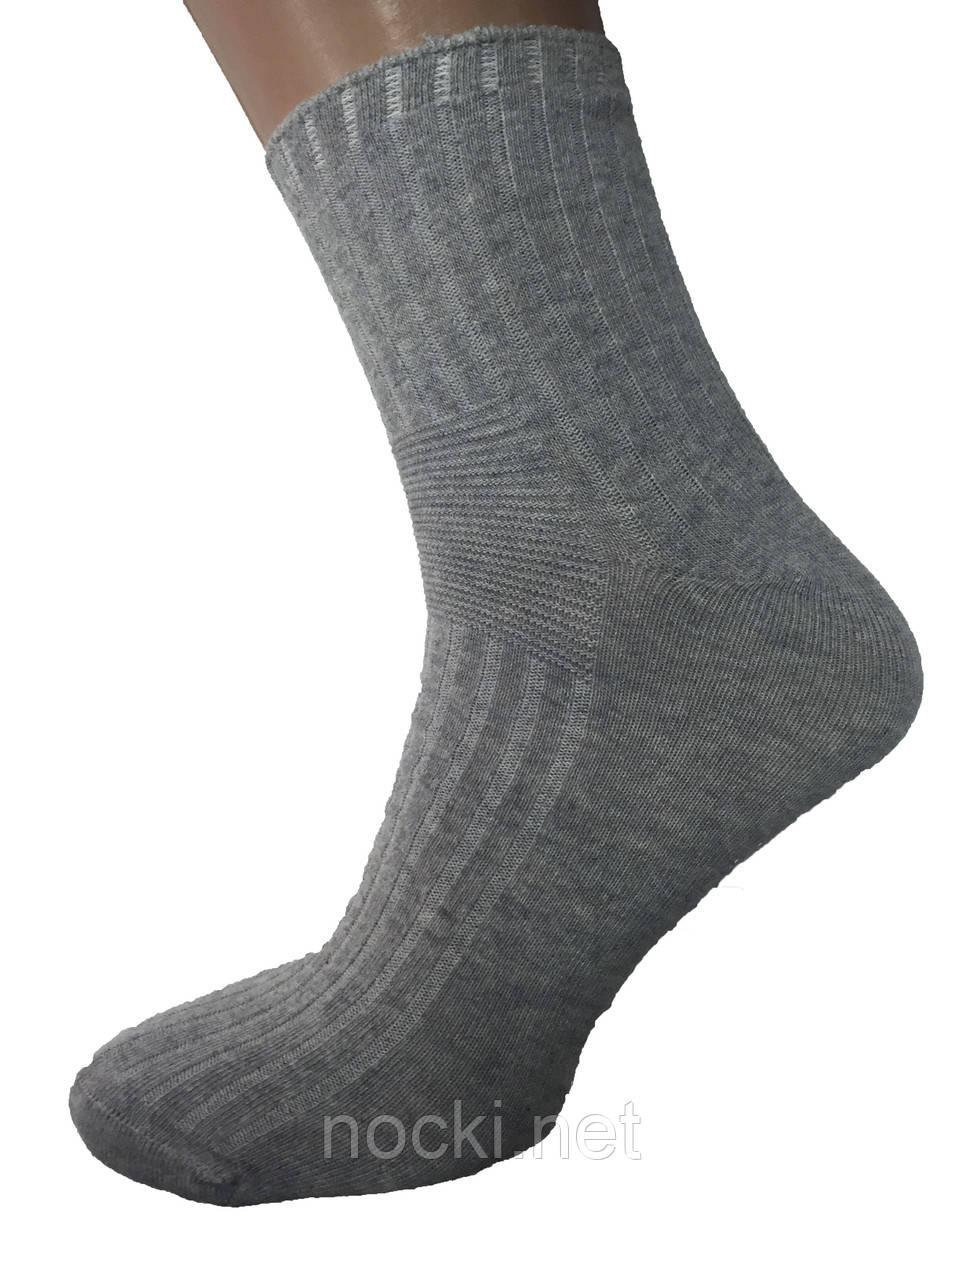 Шкарпетки чоловічі без шва Dursun світло-сірі